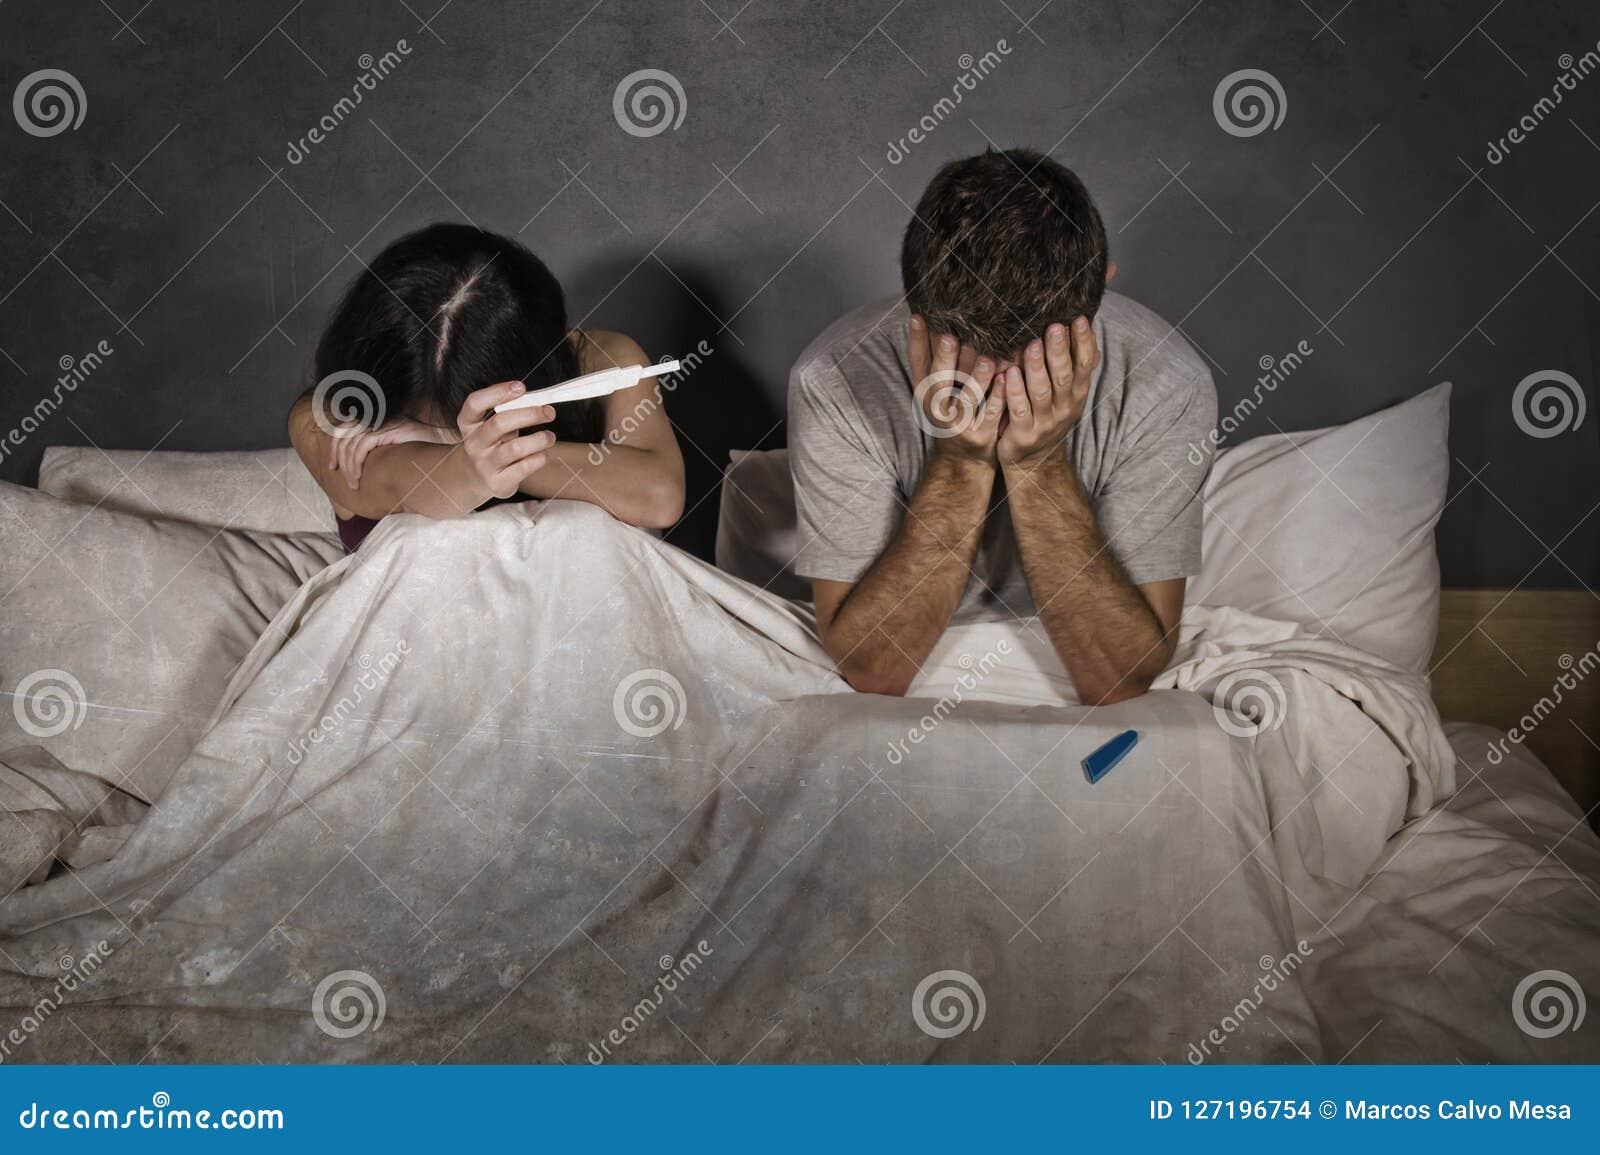 年轻夫妇在妊娠试验的正面结果以后被惊吓和被注重的床上与期待不需要的婴孩和ma的孕妇